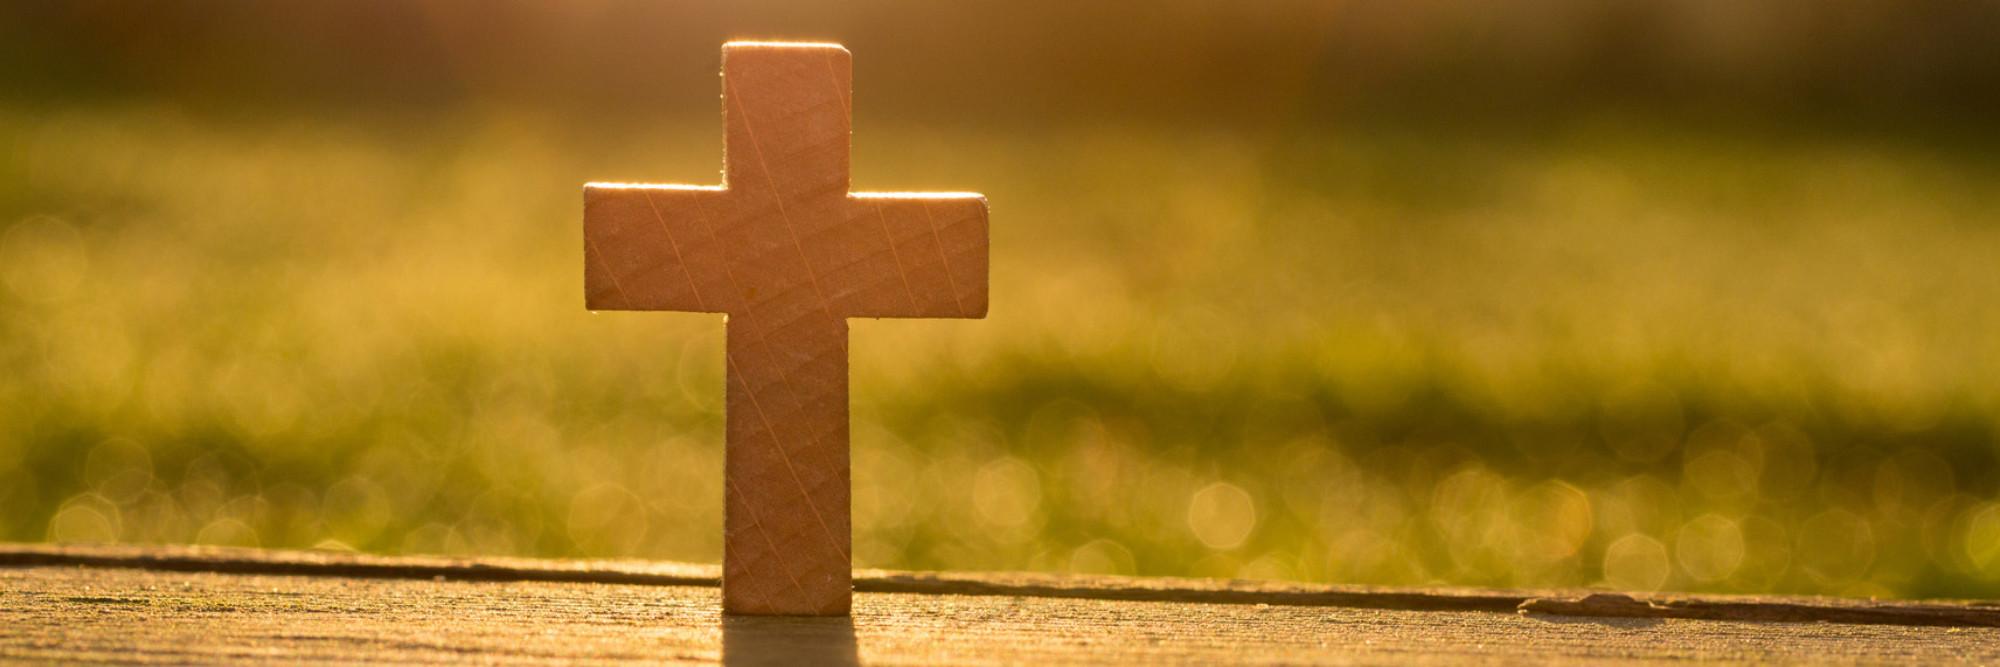 Ein Holzkreuz steht auf einem Holztisch. Der Blick schweift ins Gegenlicht, ins Freie.